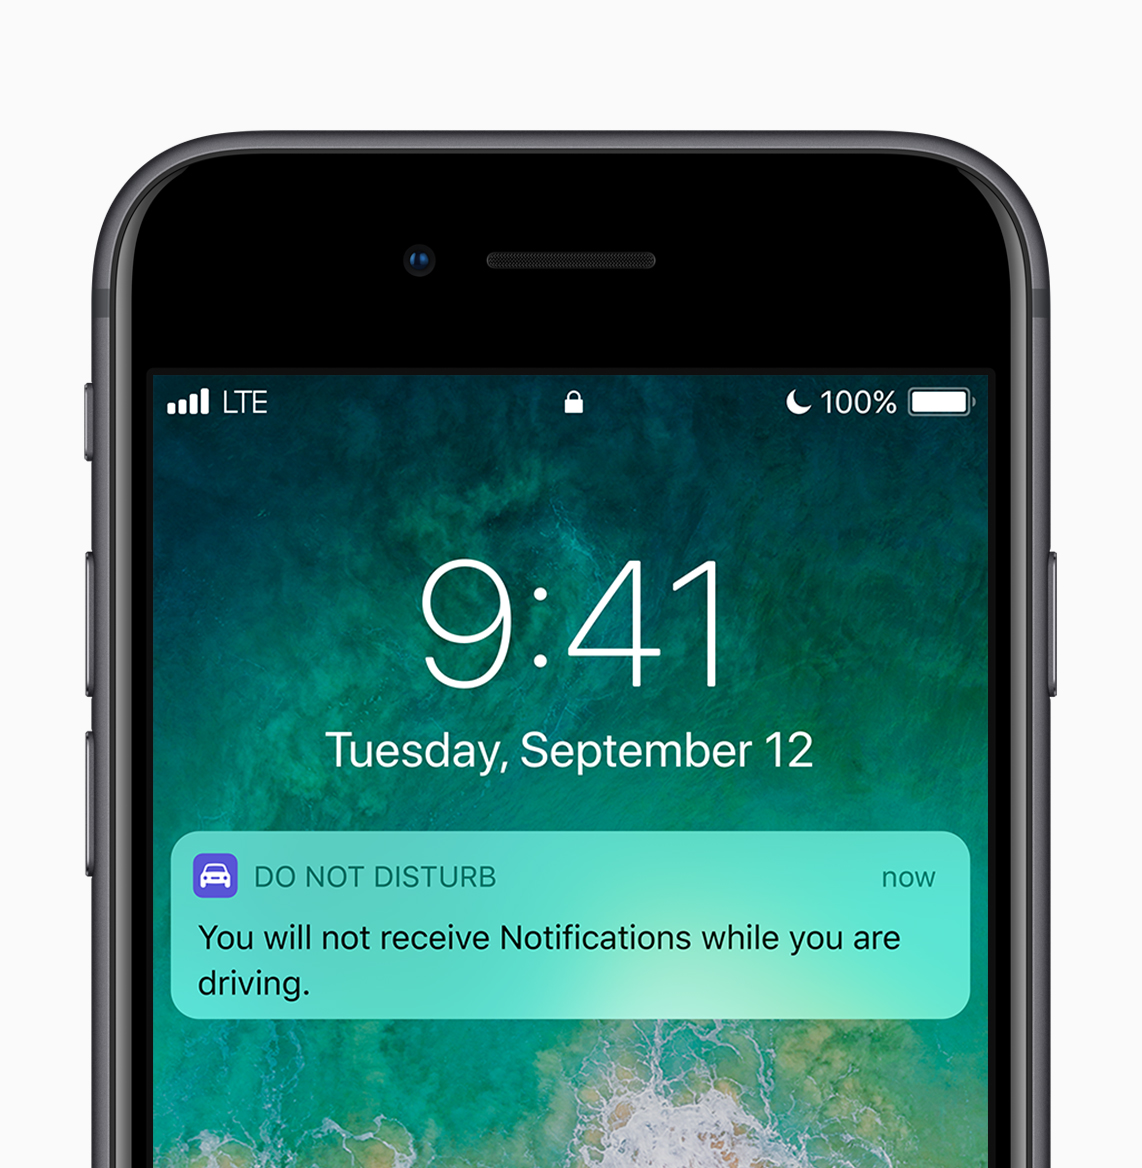 Do Not Disturb Notification via  Apple.com